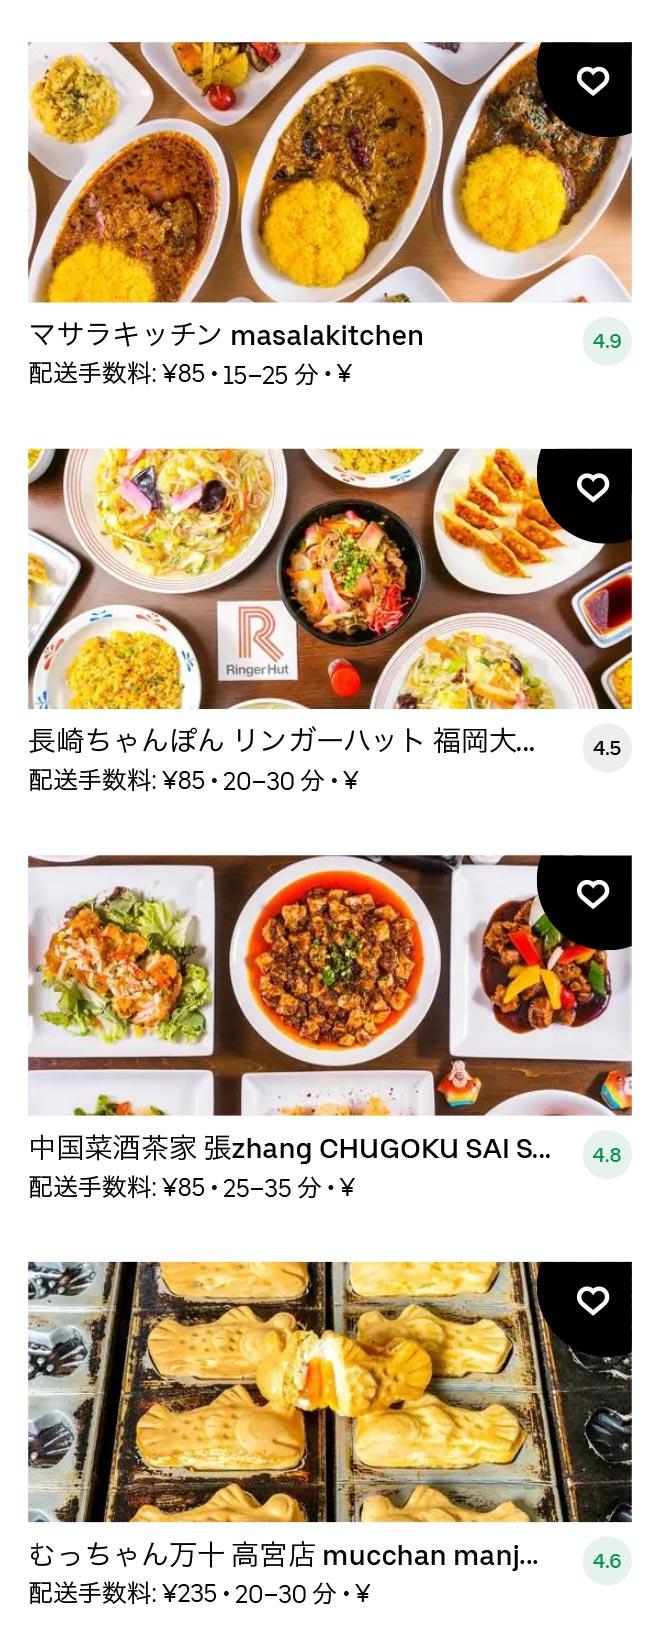 Oohashi menu 2101 05